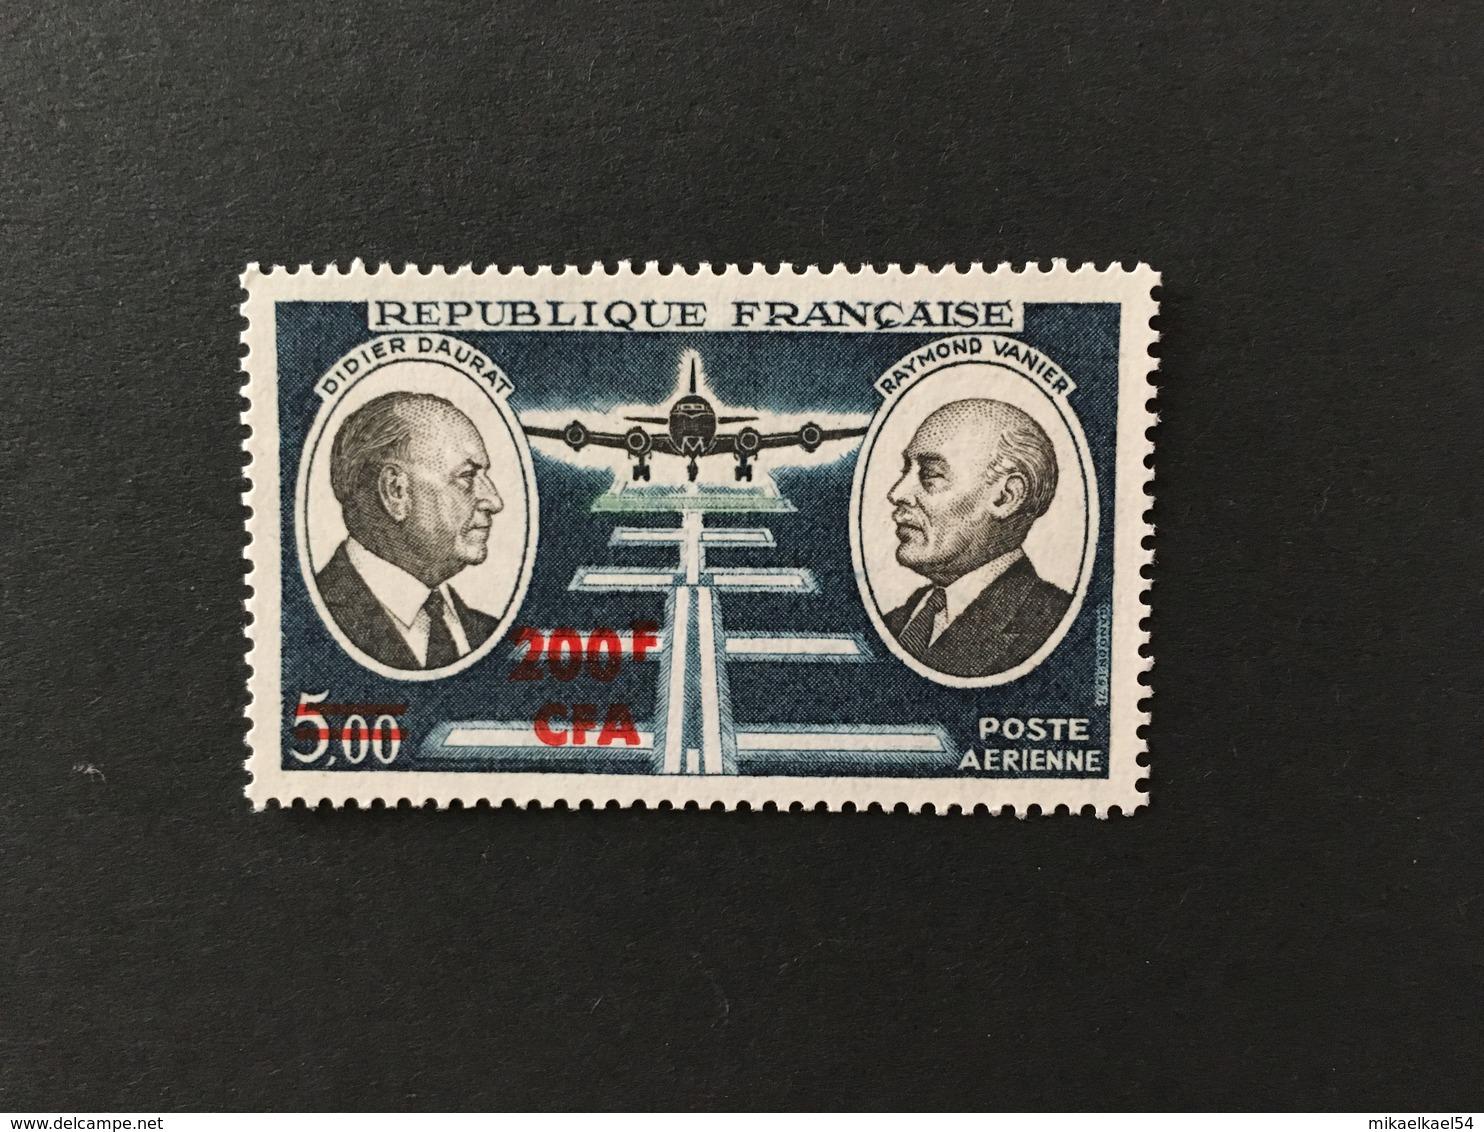 REUNION Poste Aérienne 1972 - YT N° 62 - Timbre Neuf Sans Charnière ** MNH - Réunion (1852-1975)